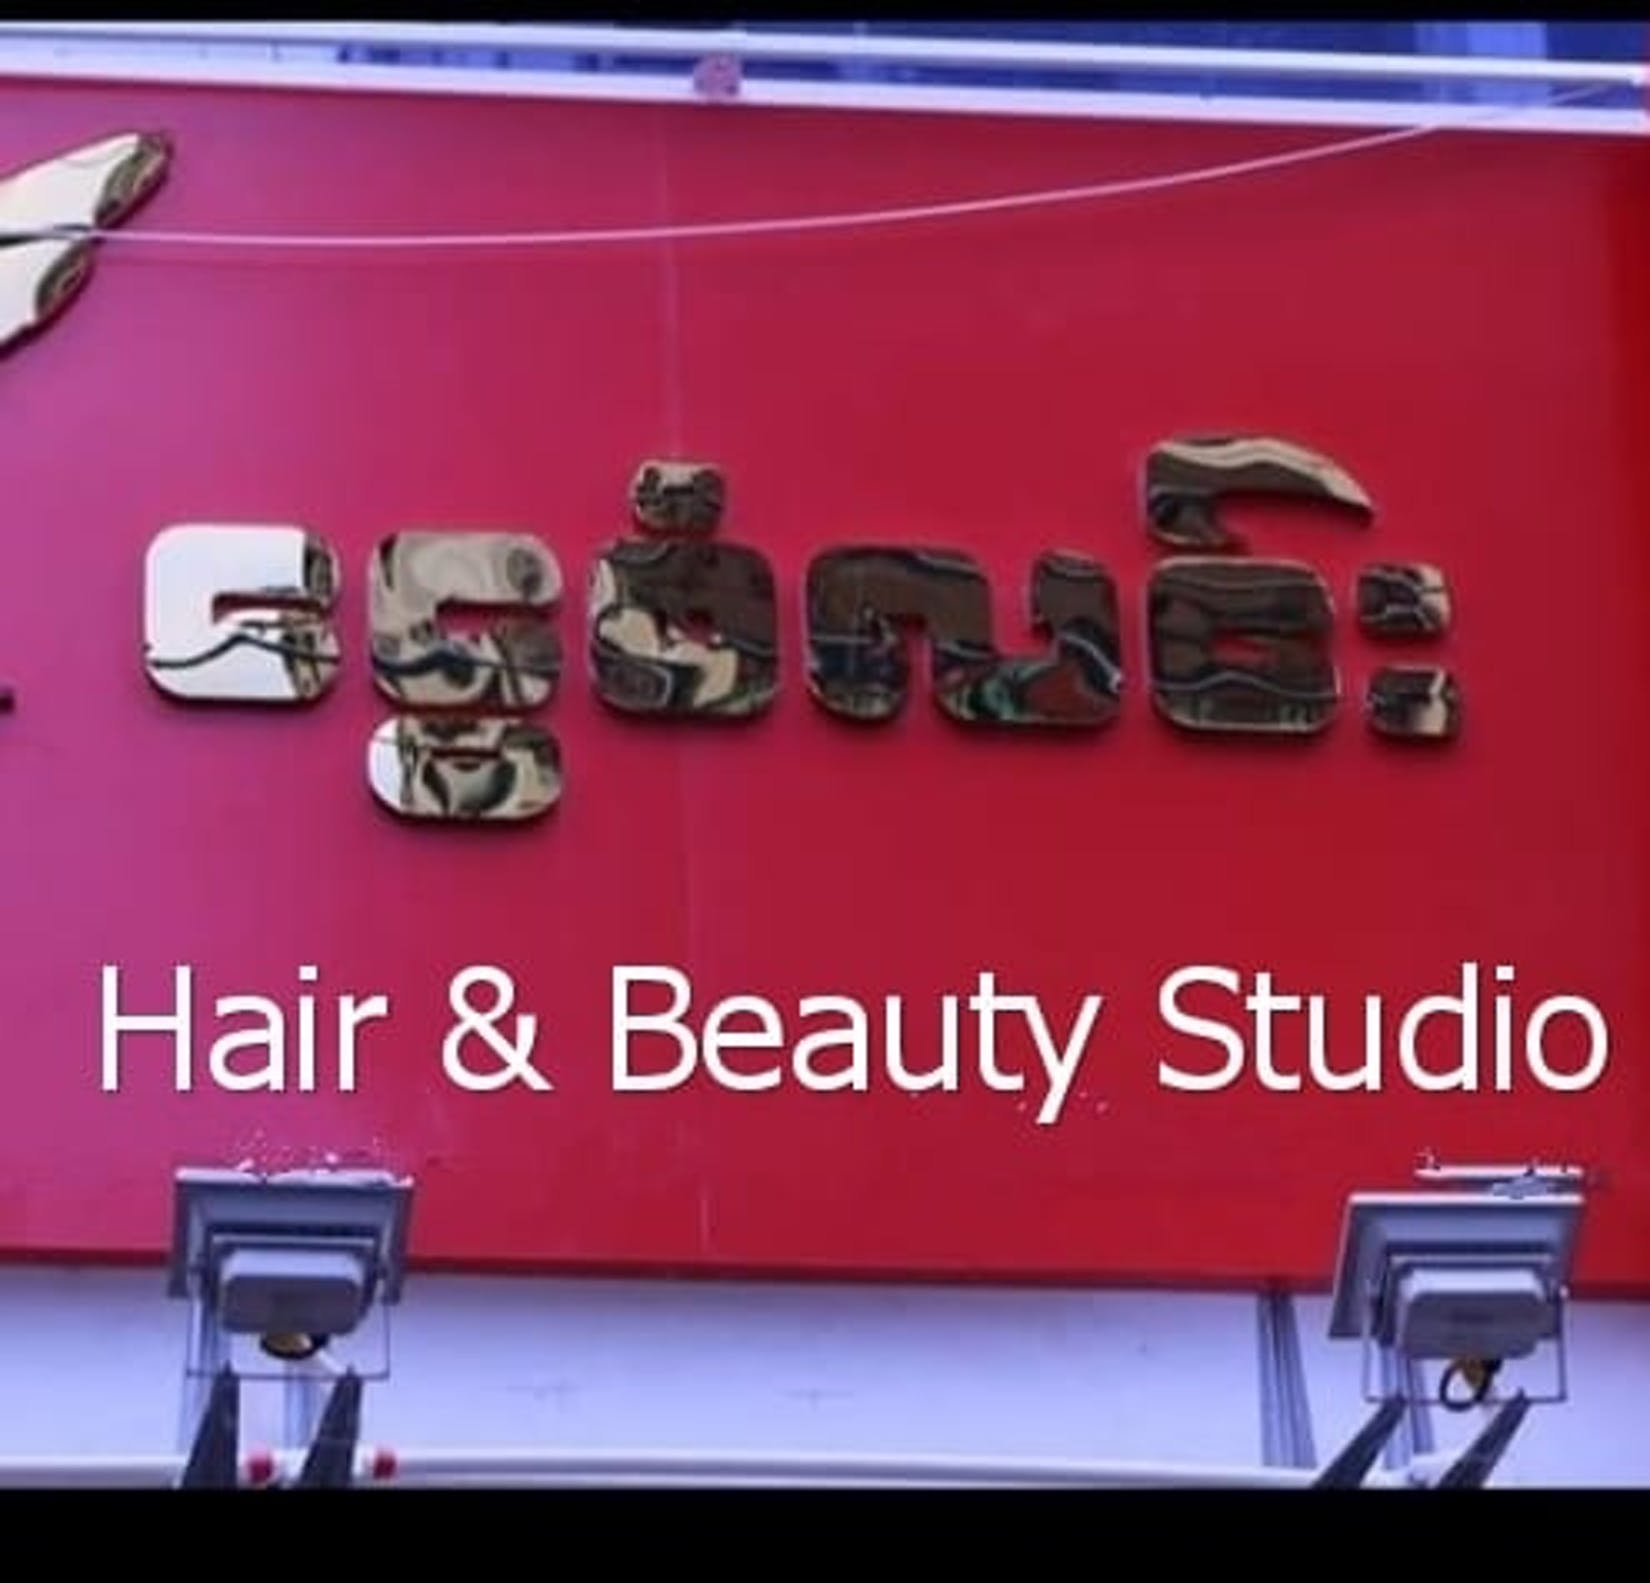 ငွေစံလင်း Hair & Beauty Studio | Beauty